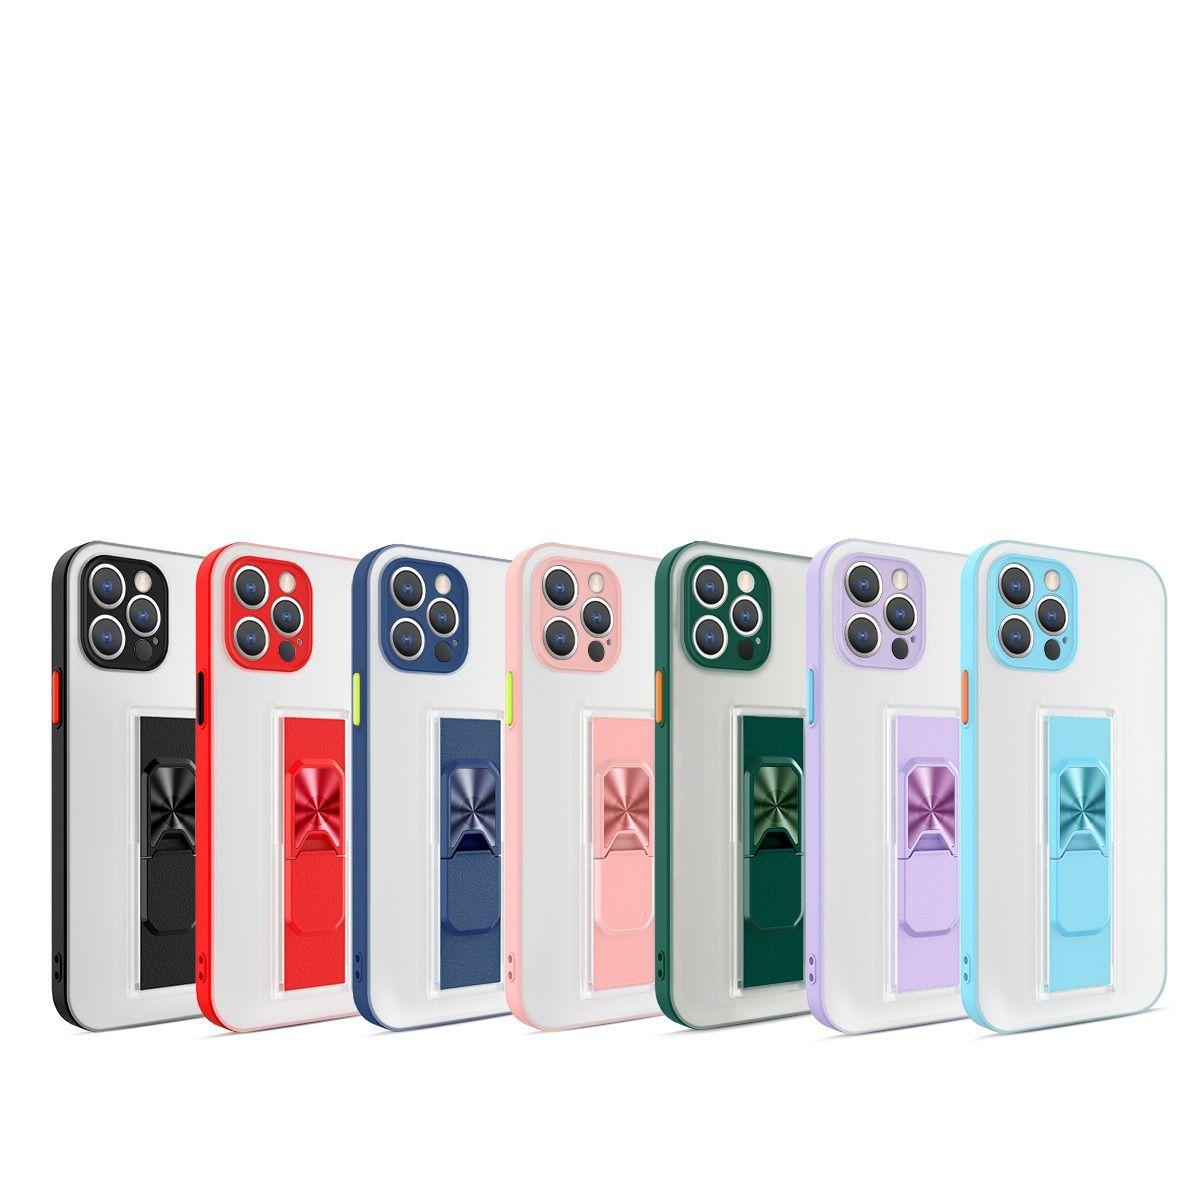 Parlak Renk Telefon Kılıfları Cilt Duygu Görünmez Braketi Anti Güz Mobil Kılıf Iphone 7P 8 P 11Promax 12mini 12 XR XSMAX için Uygun